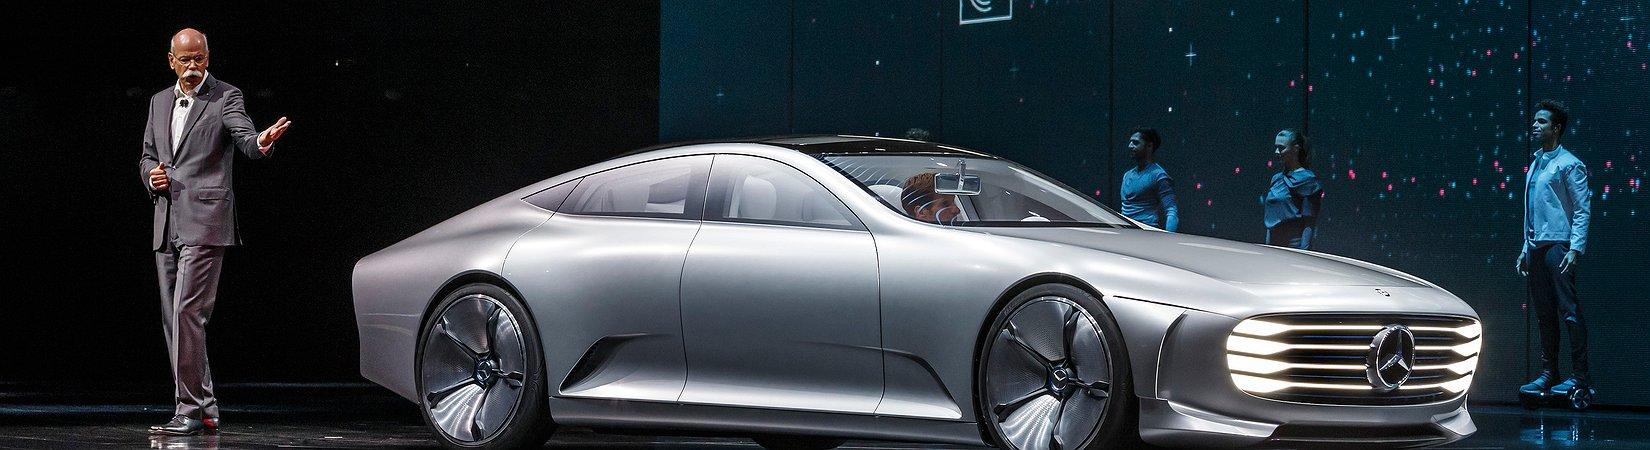 Mercedes rückt Tesla auf die Pelle